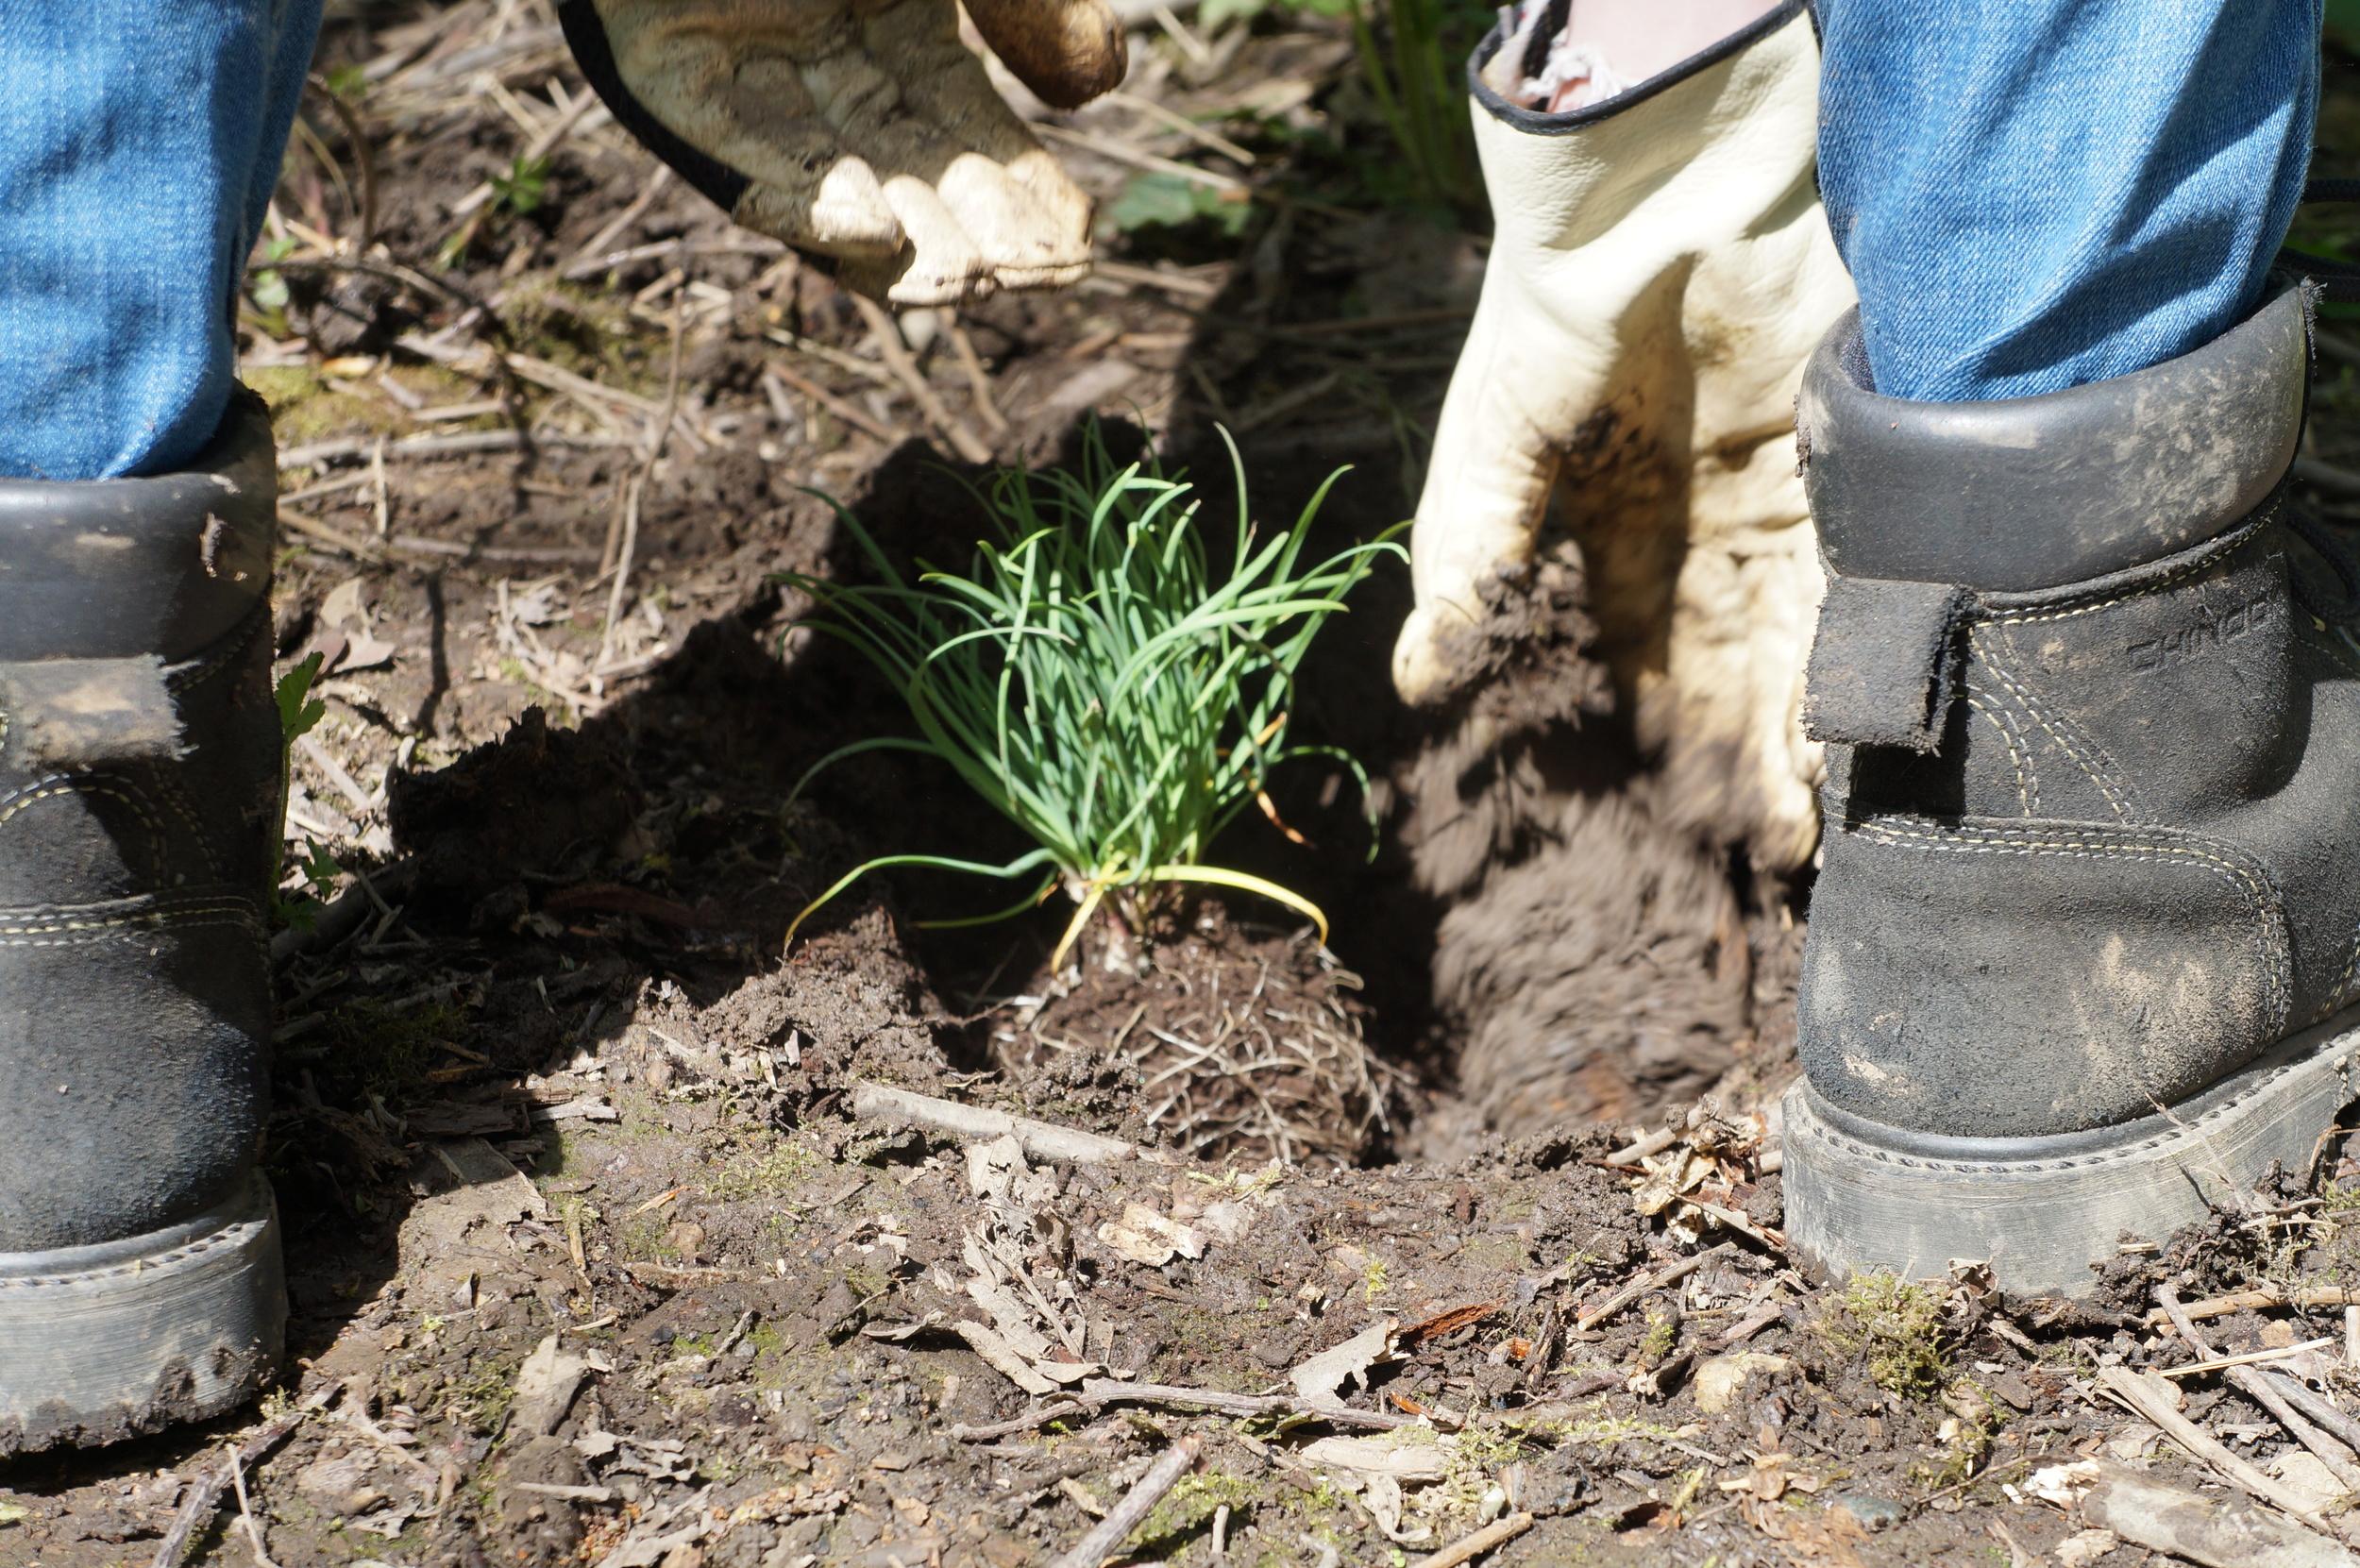 Allium cernuum / nodding onion